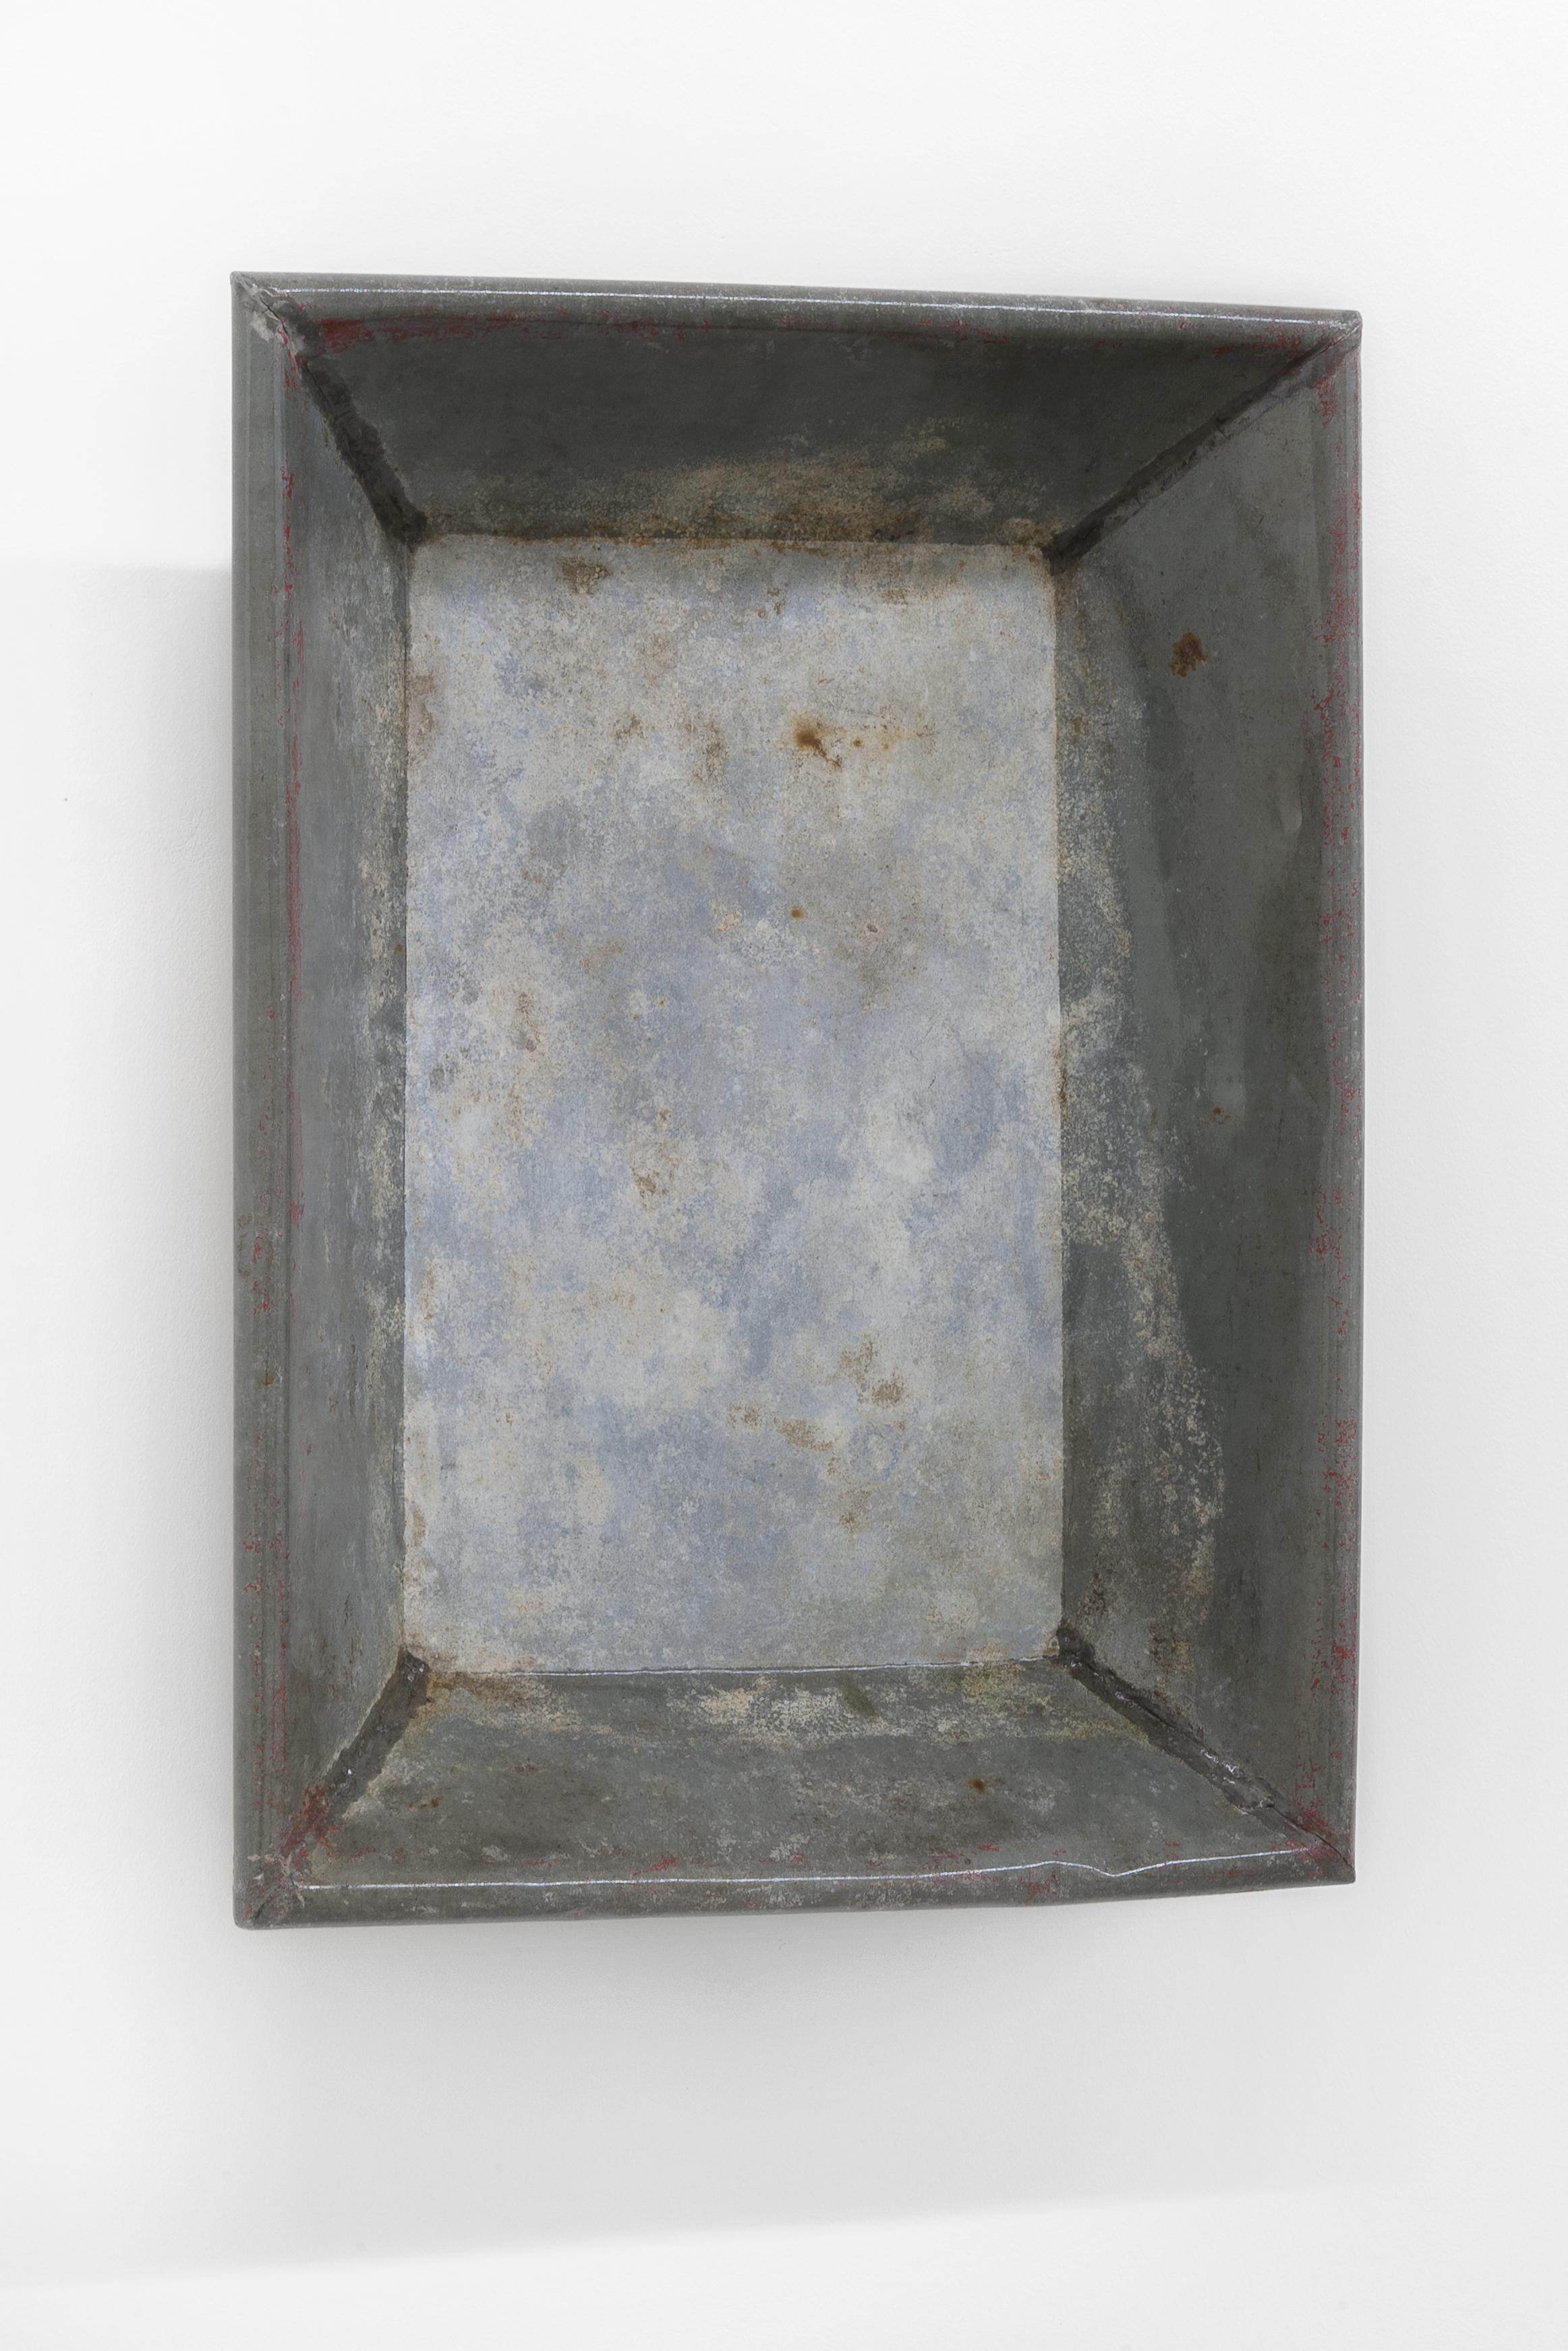 Stanislas Lahaut,  Etcetera , 2018, zinc and varnish, 56,5 x 41,5 x 9,5 cm